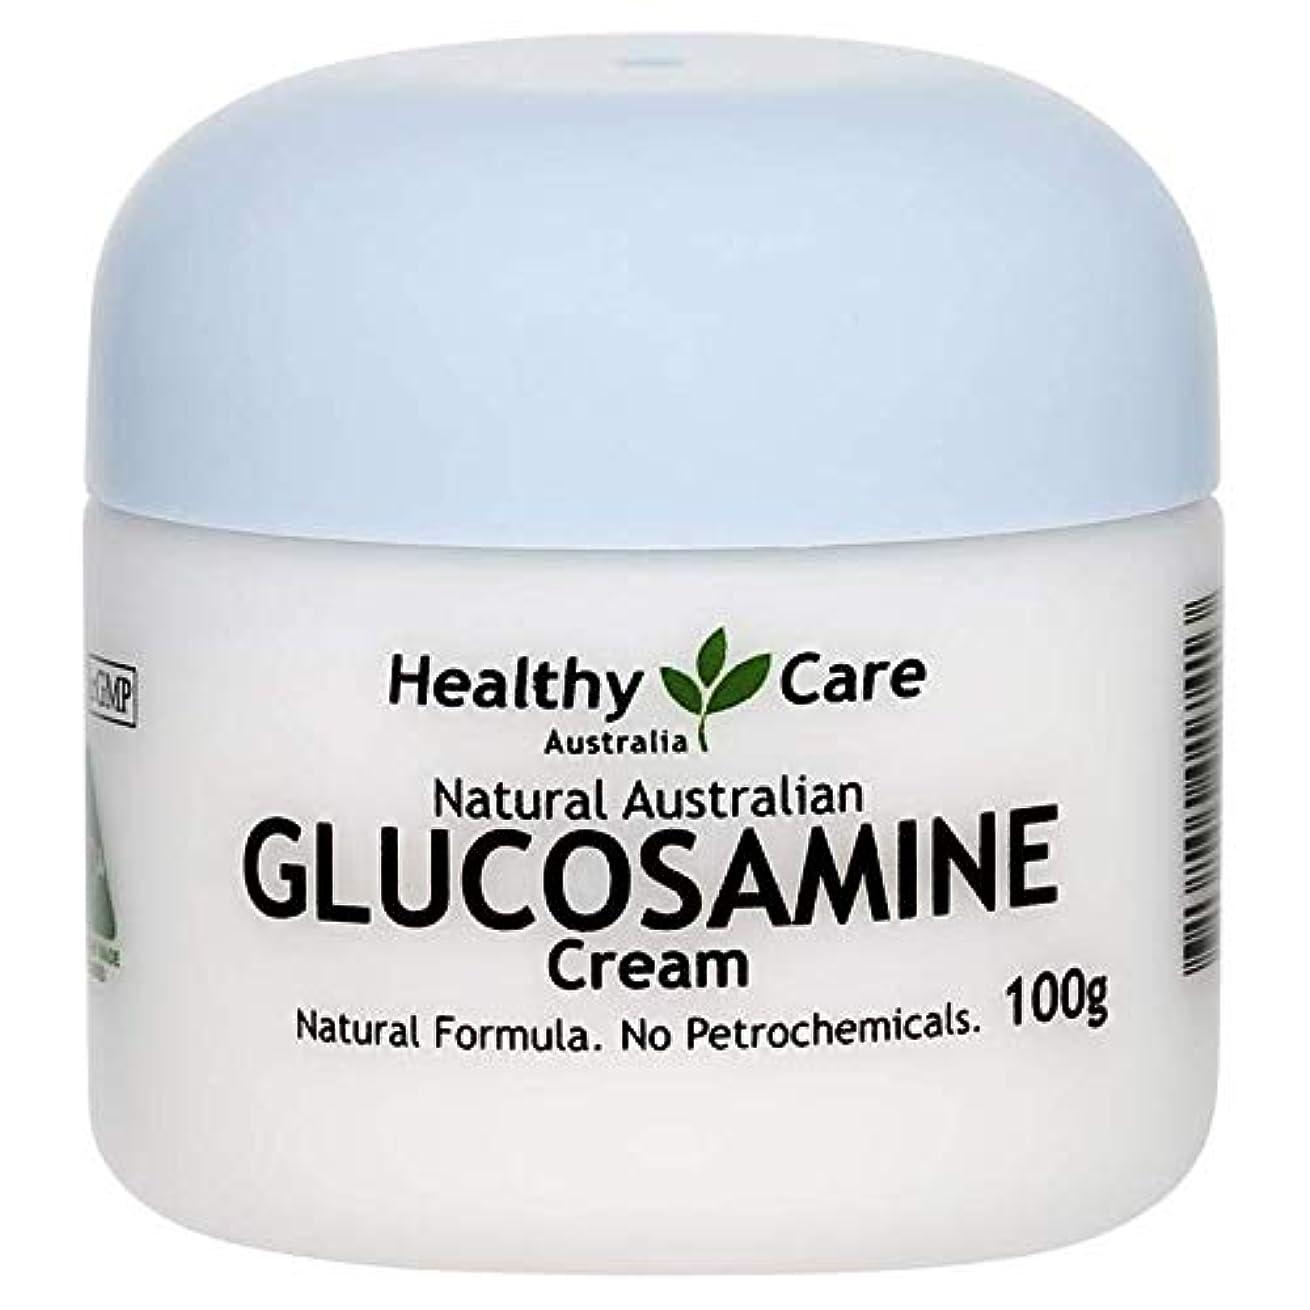 ガラスフェローシップ平和な[Healthy Care] グルコサミンクリーム お肌に潤い しなやかさを (GLUCOSAMINE CREAM) 100g 【海外直送品】